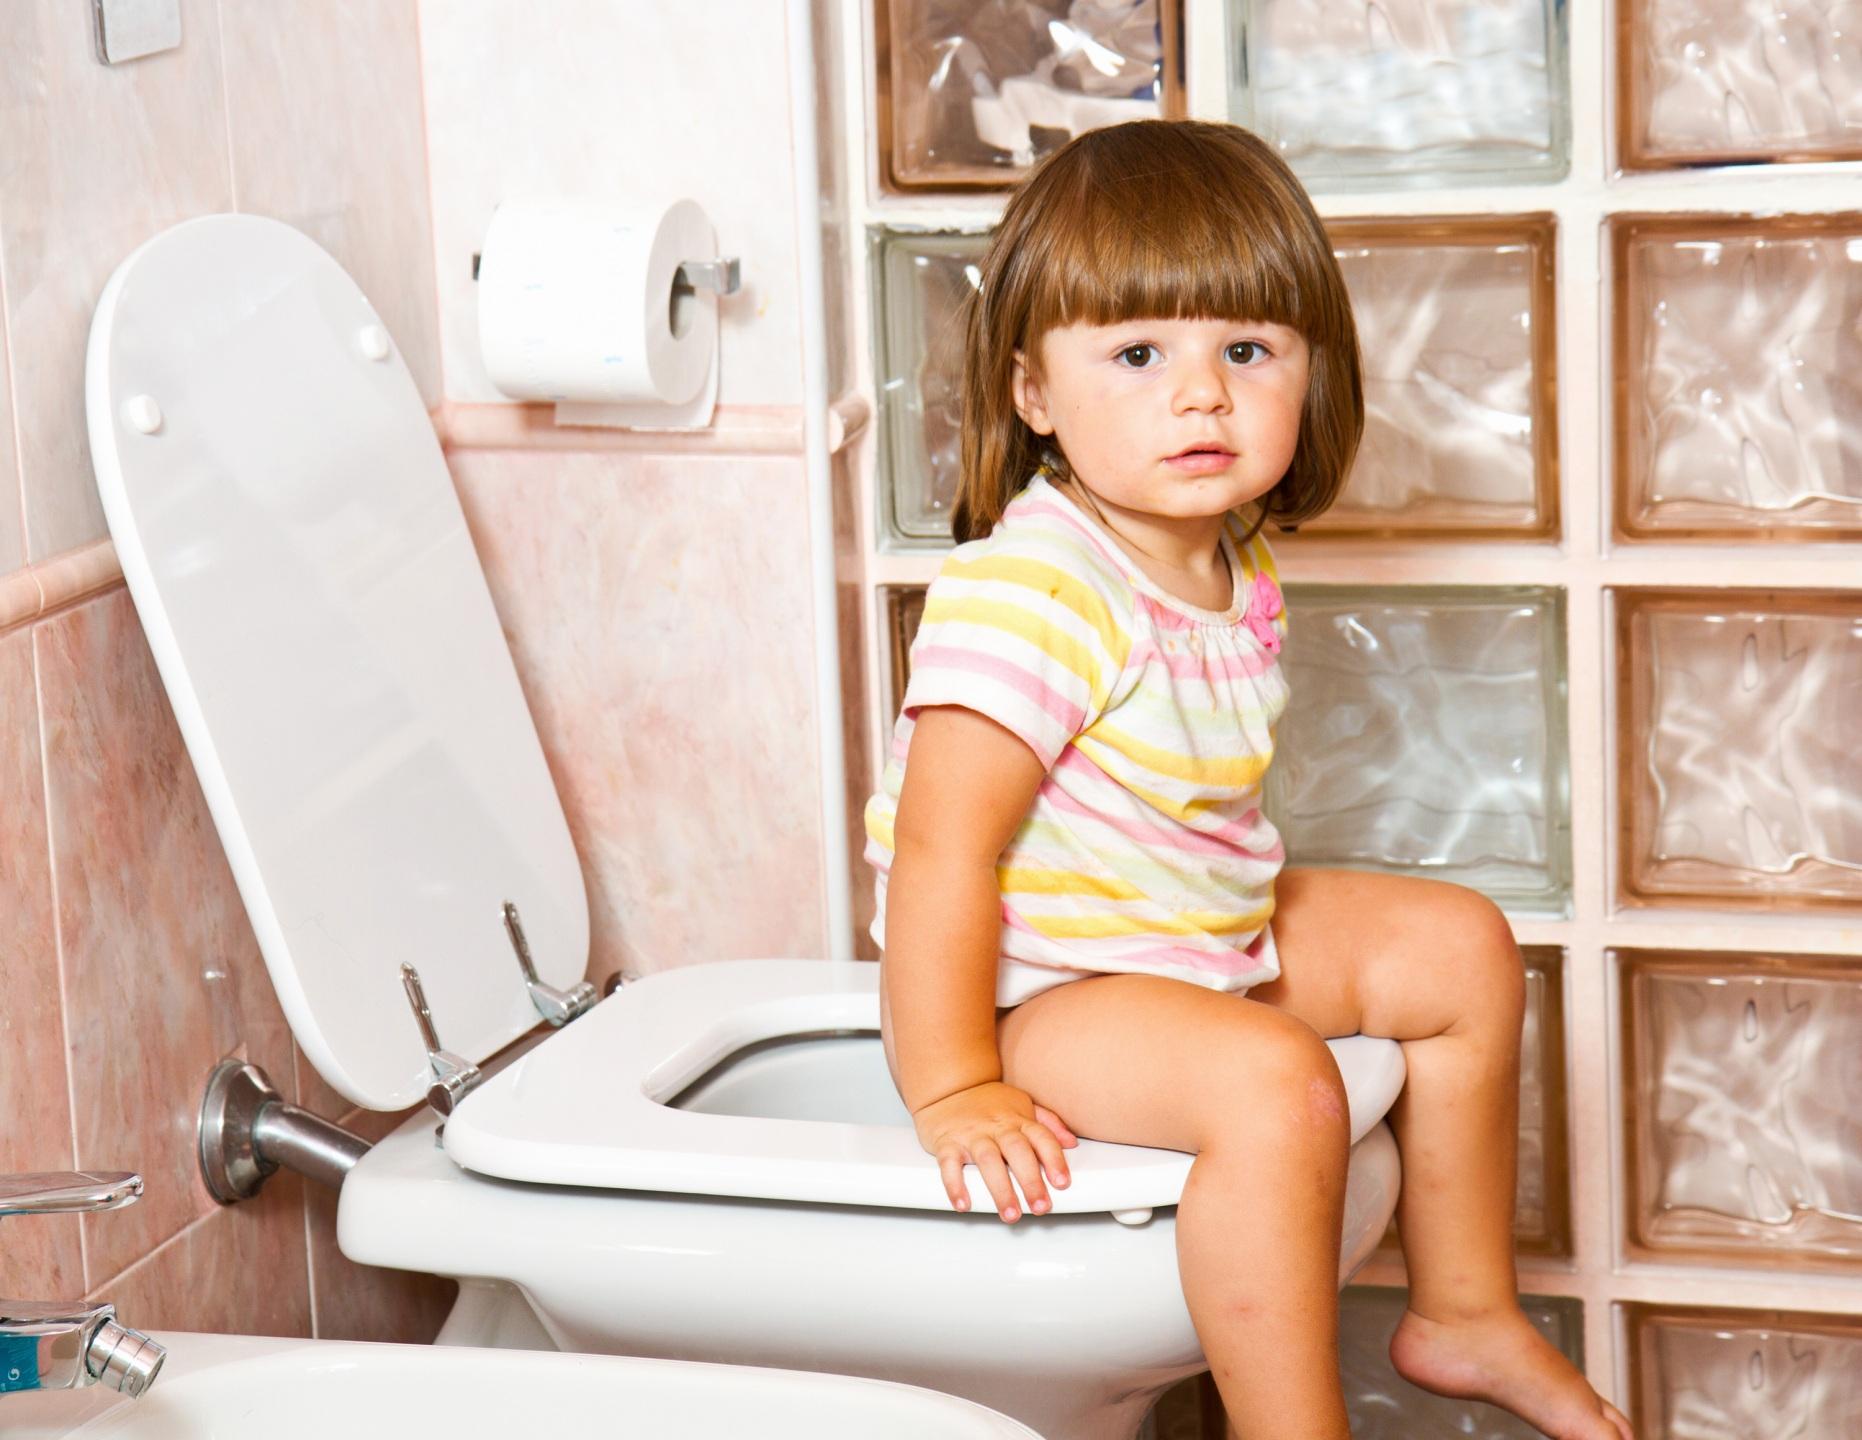 Fotos von Kleine Mädchen Toilette Kinder sitzen 1862x1440 WC klosett sitzt Sitzend